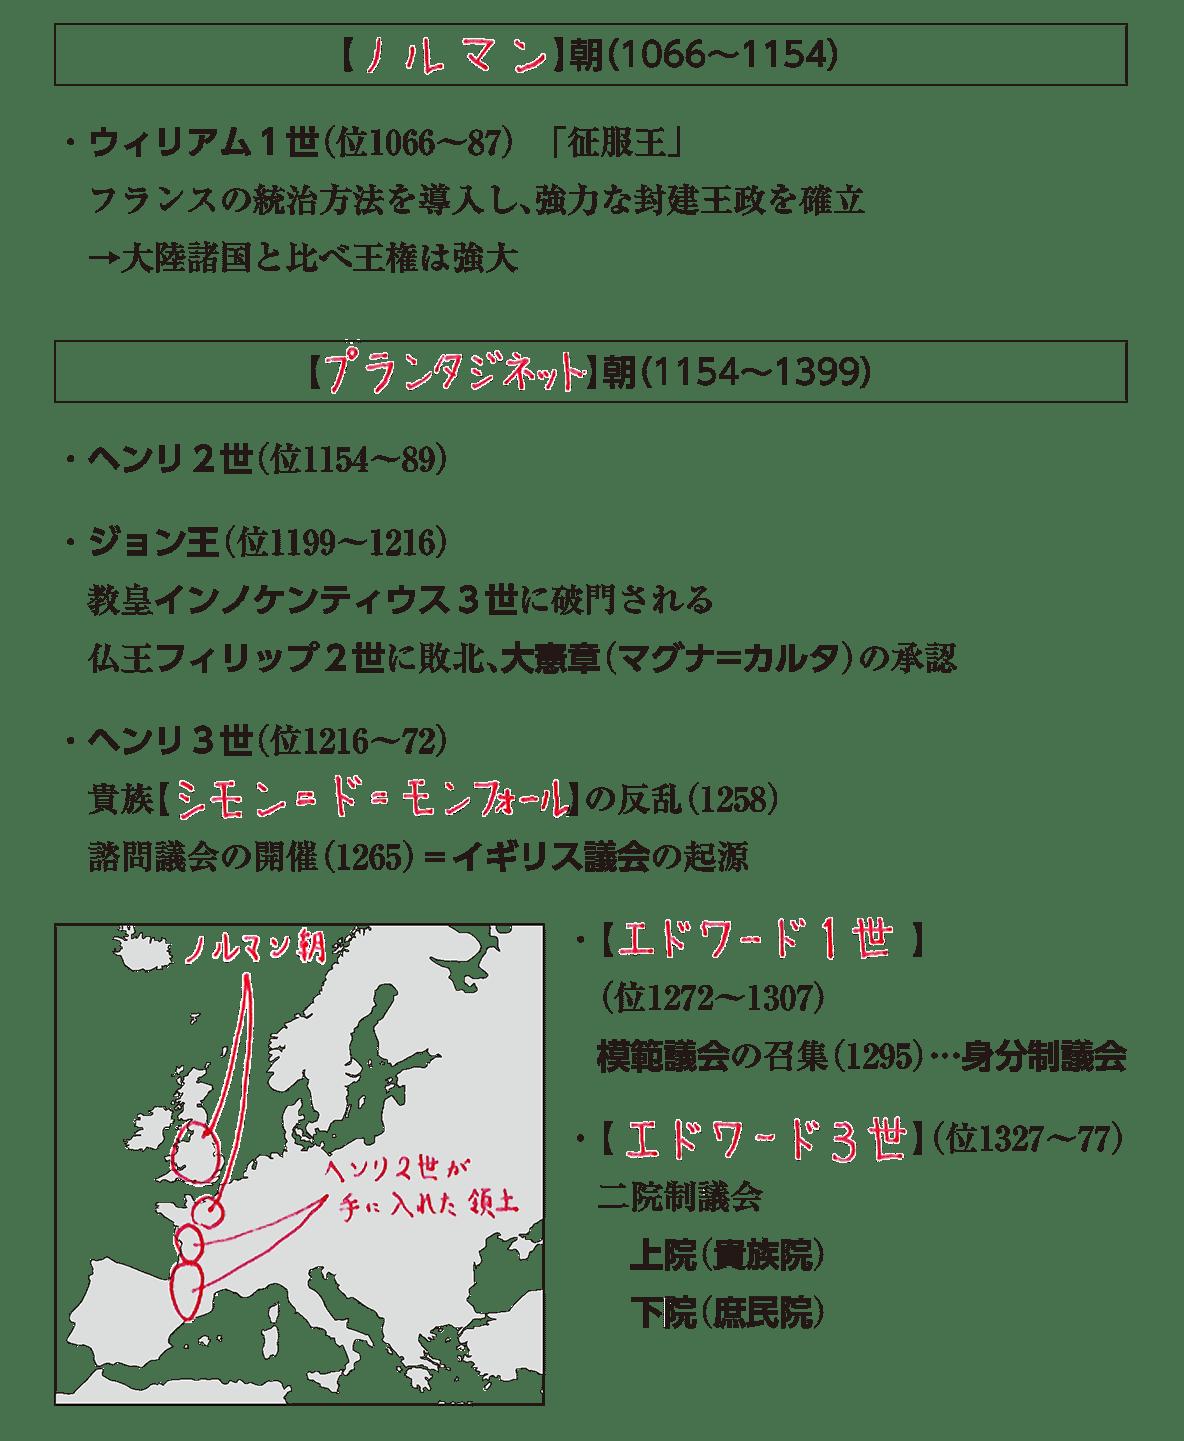 高校世界史 中世ヨーロッパ世界の各国史1 ポ1 答え全部